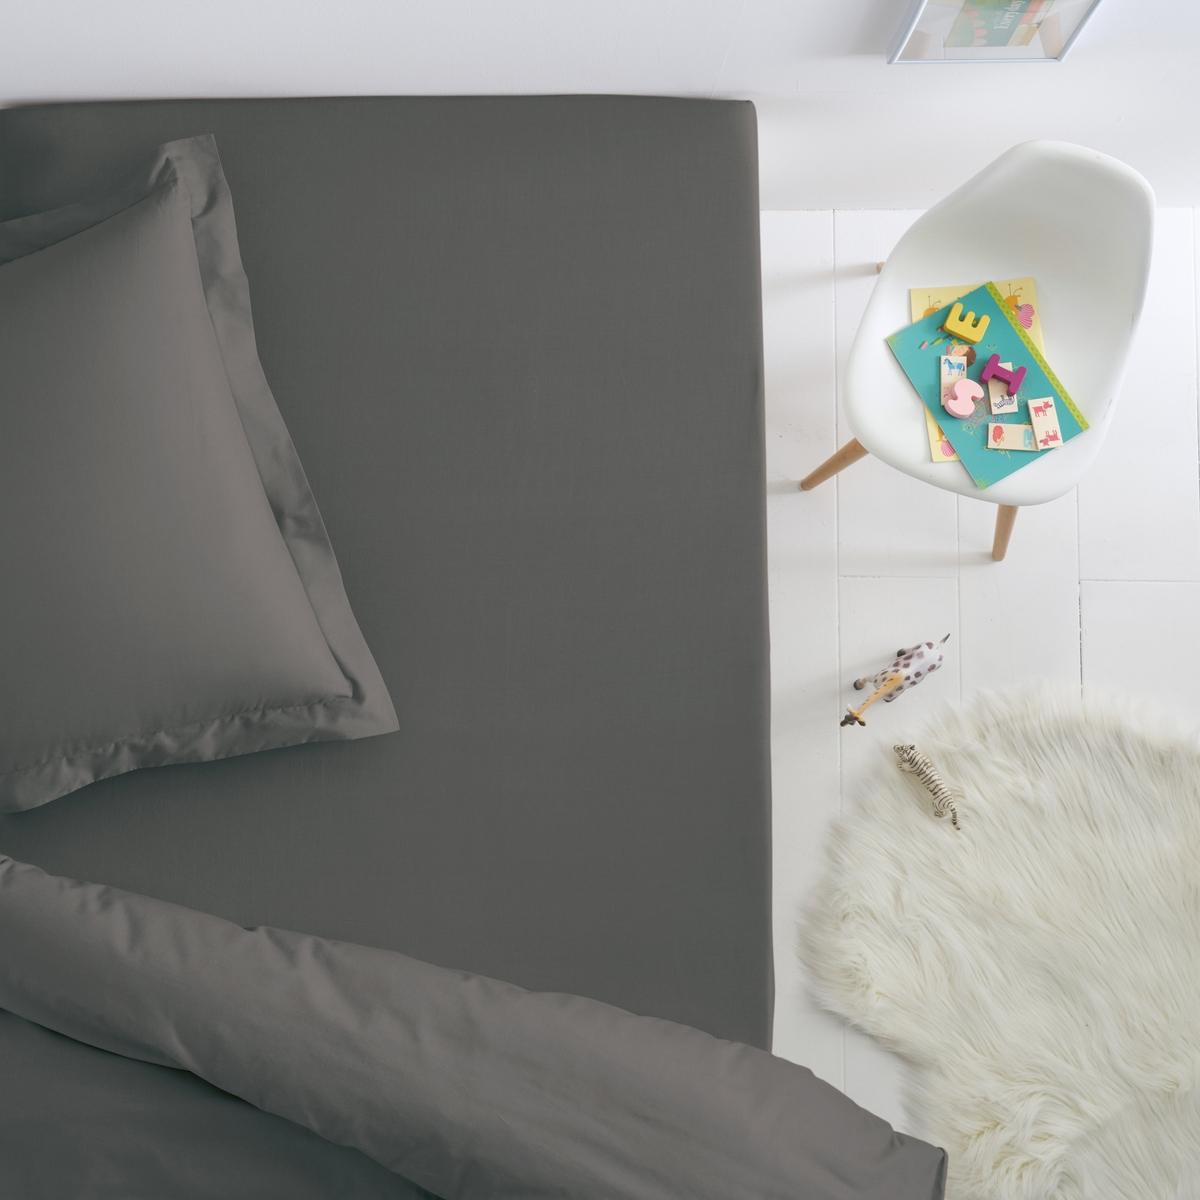 Простыня La Redoute Натяжная из хлопка для детской кровати SCENARIO 80 x 190 см серый подушка для изголовья кровати 100% хлопокscenario